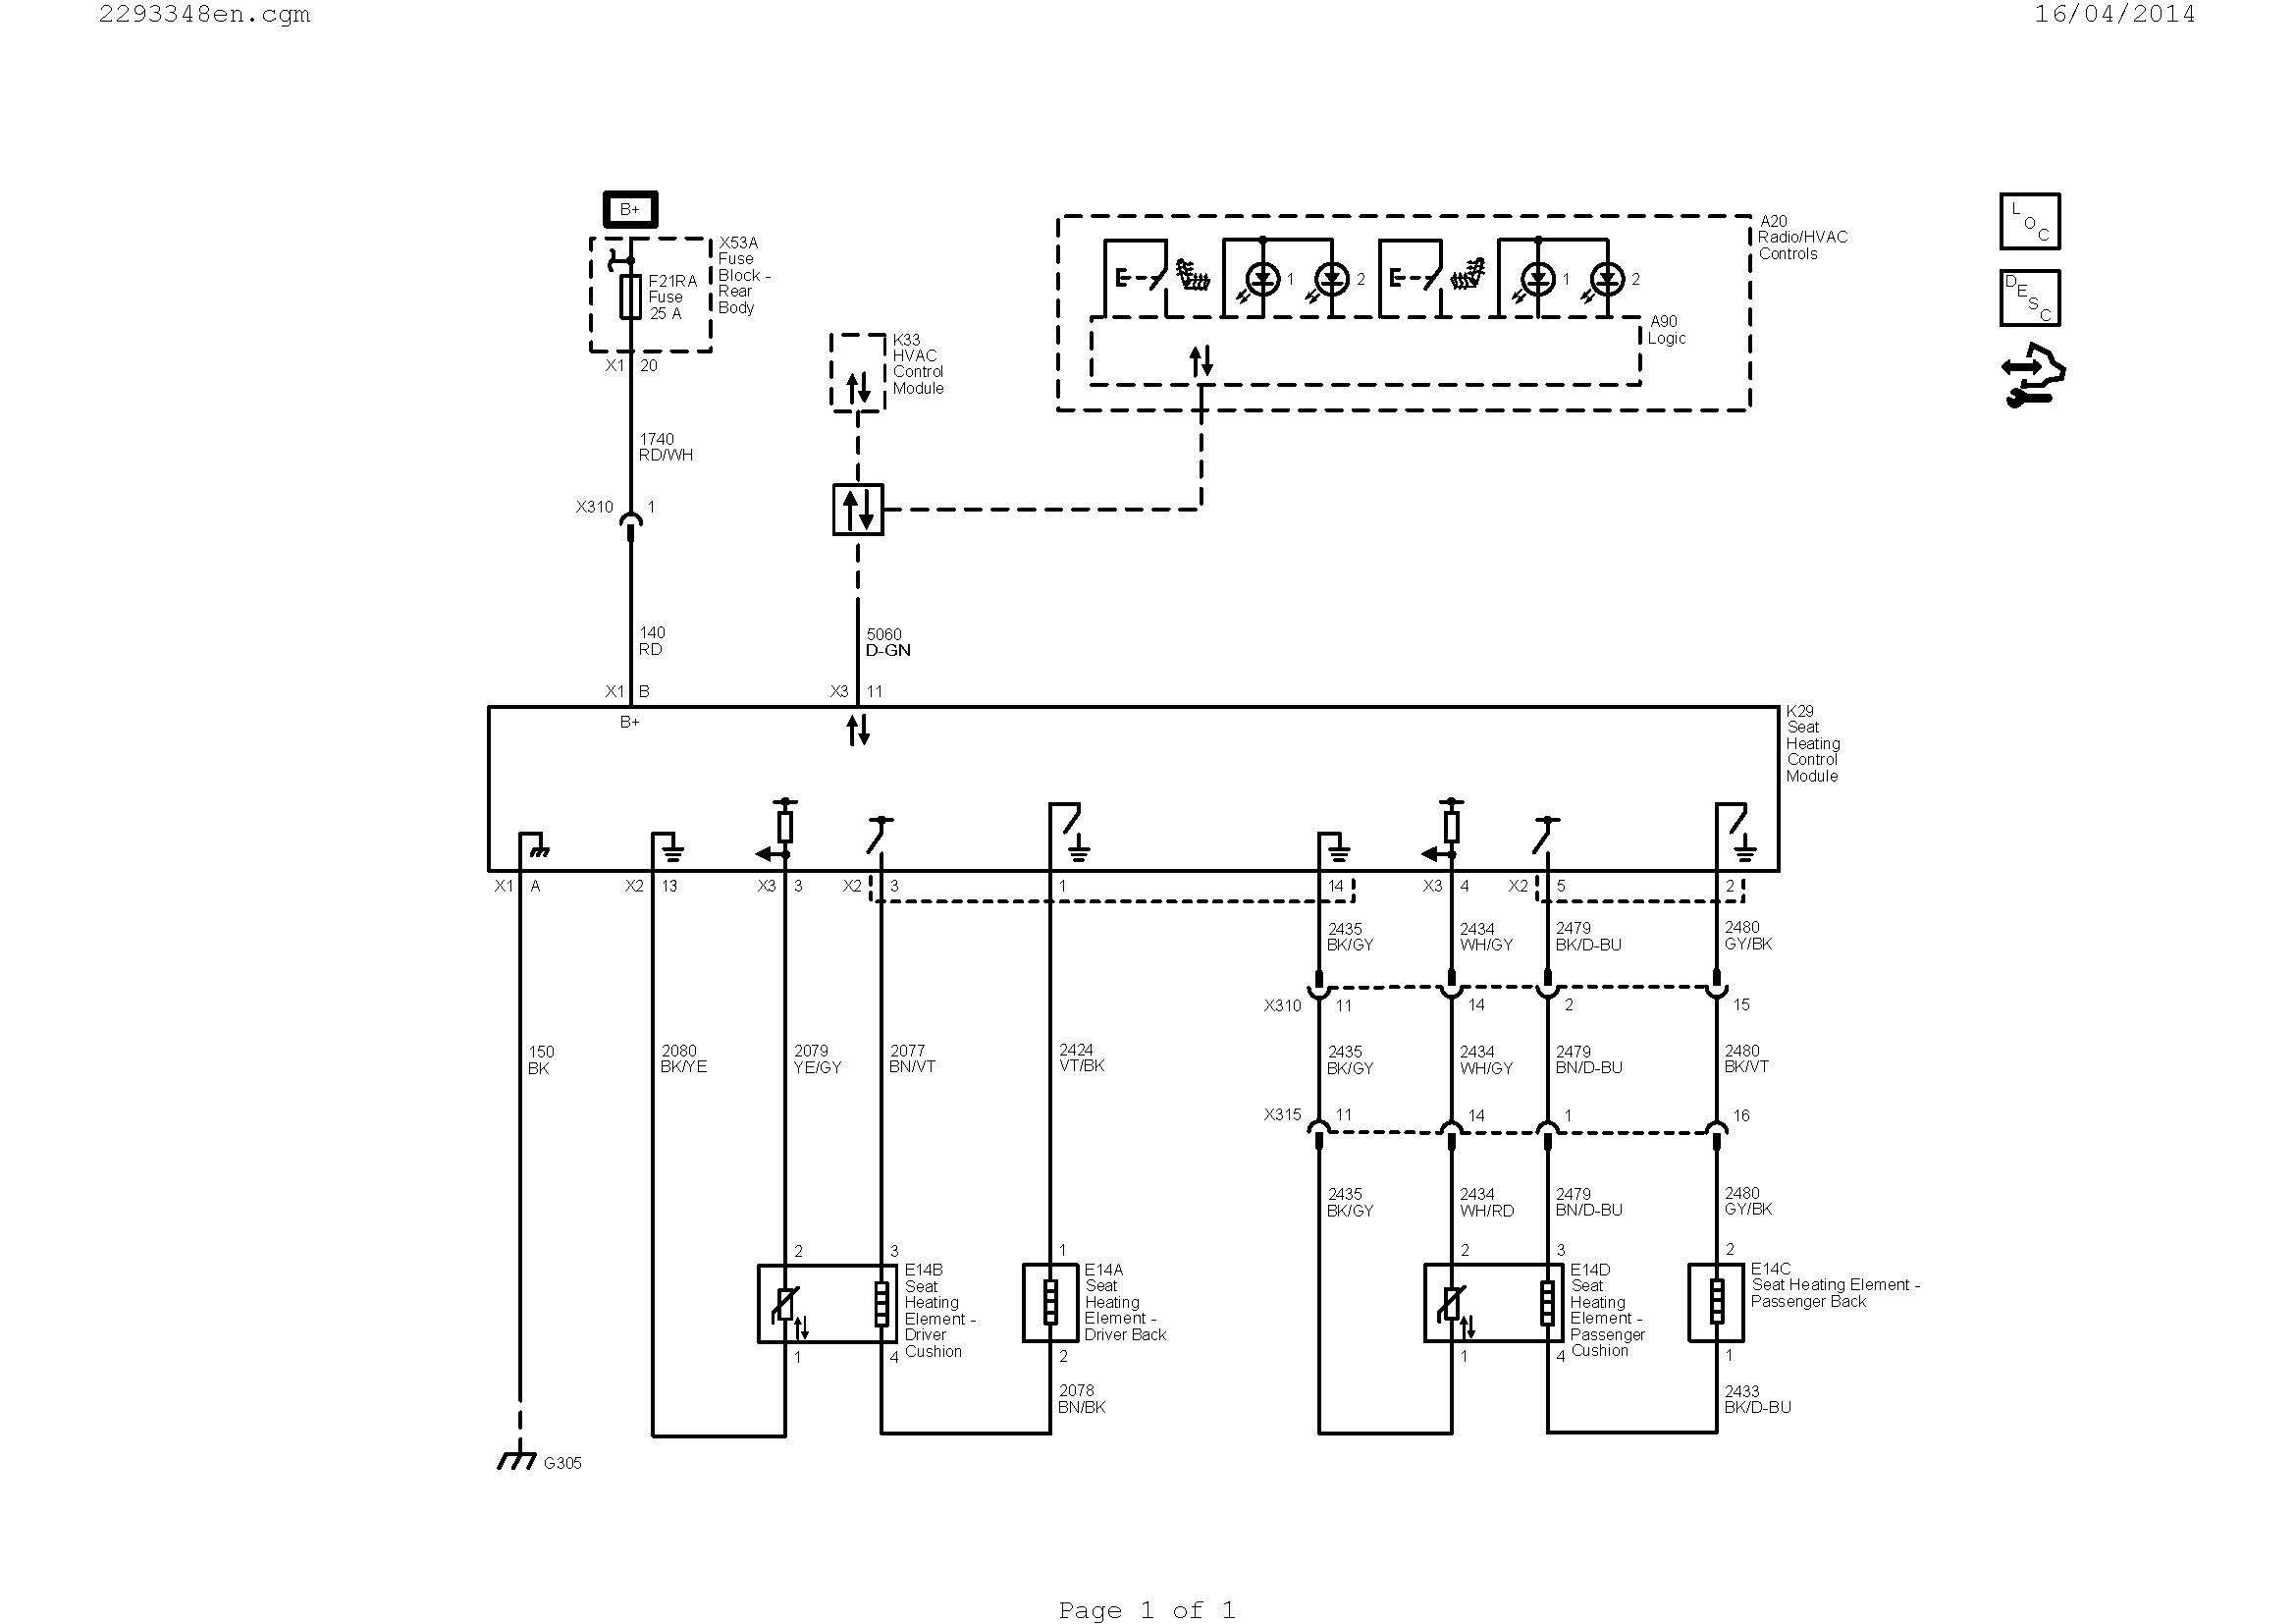 Wiring Diagram Trailer Electric Brakes Fresh Trailer Wire Diagram New Hvac Diagram 0d – Wire Diagram